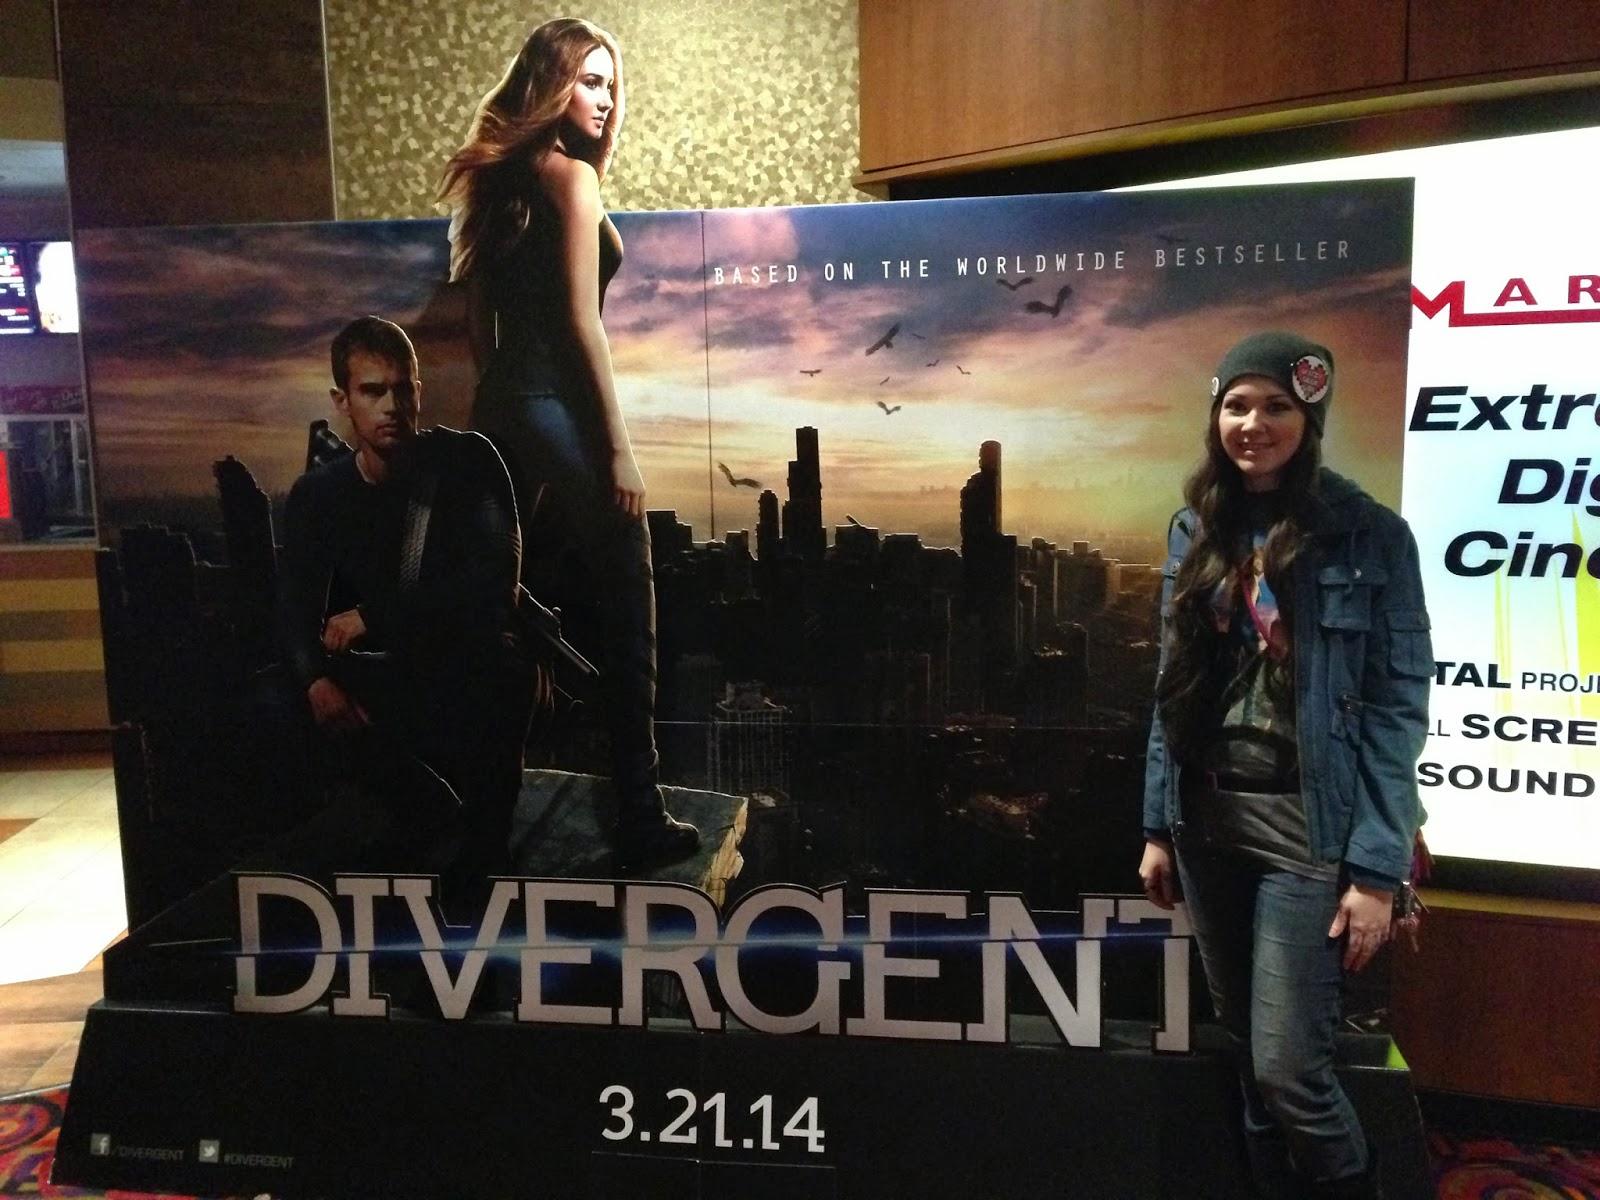 divergent 3 movie cover